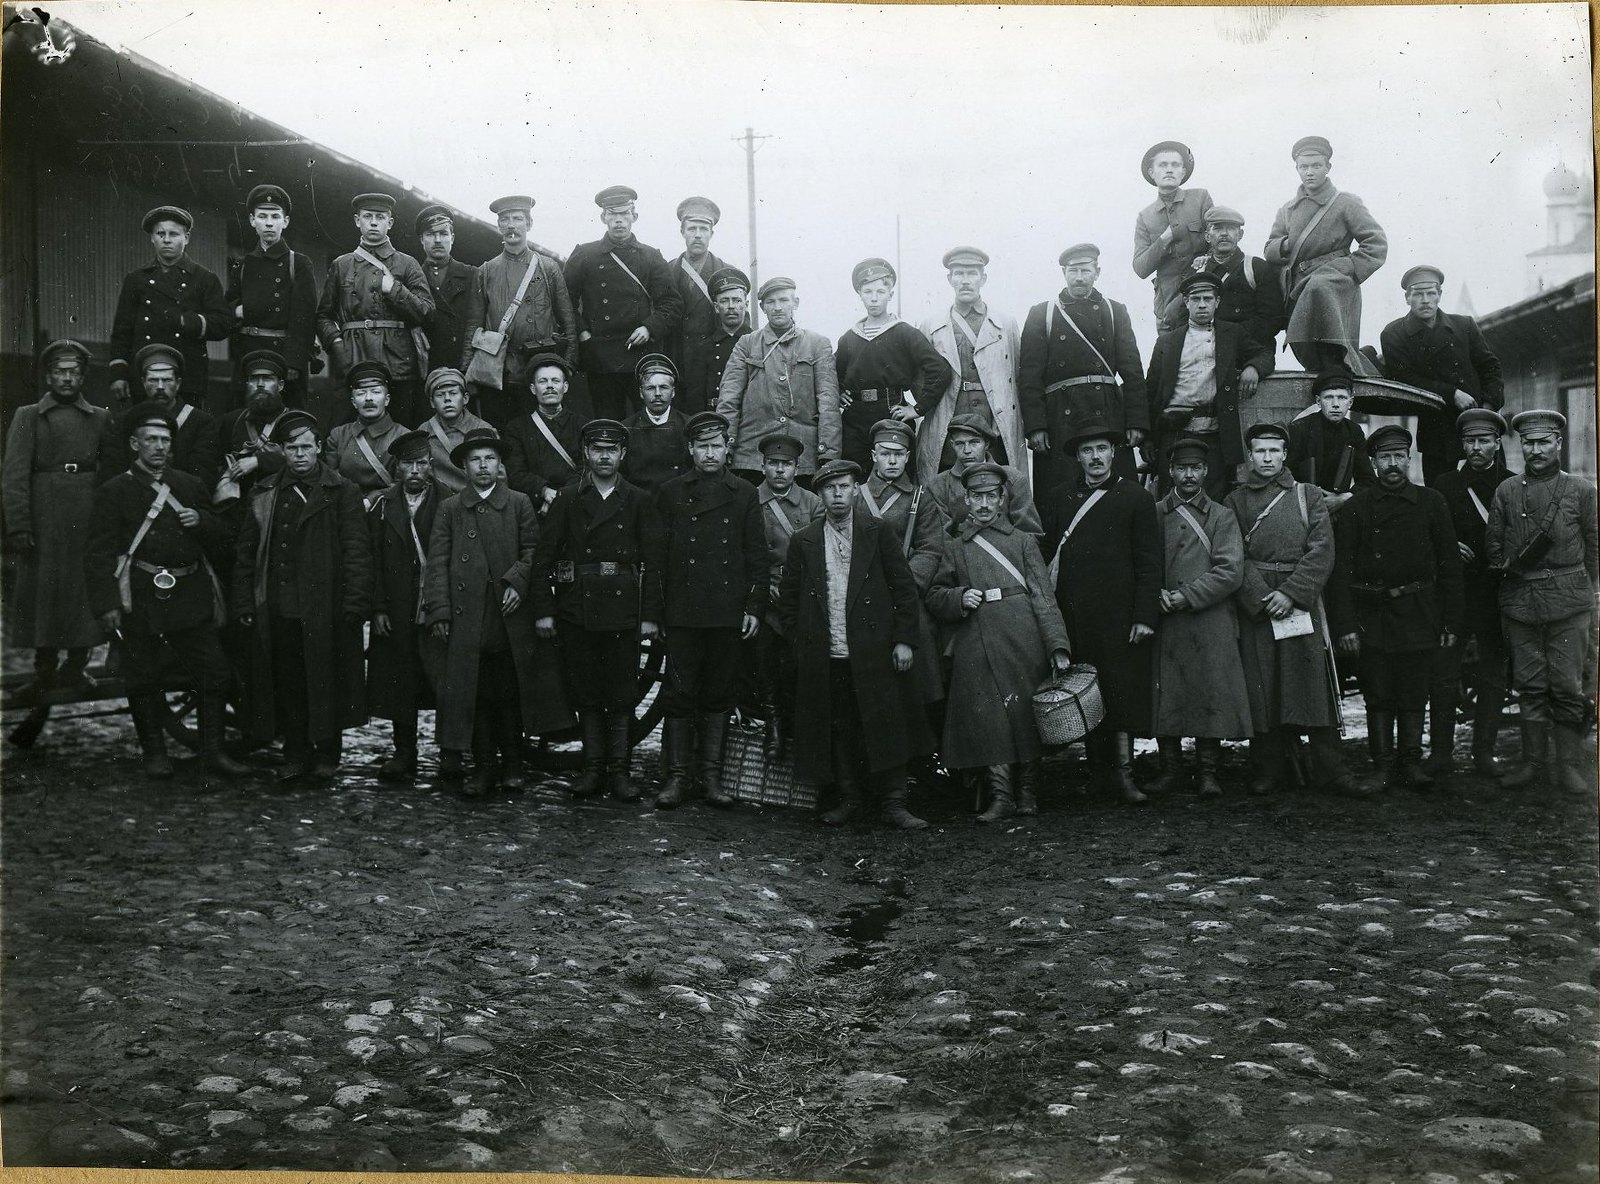 1919. Петроградский фронт